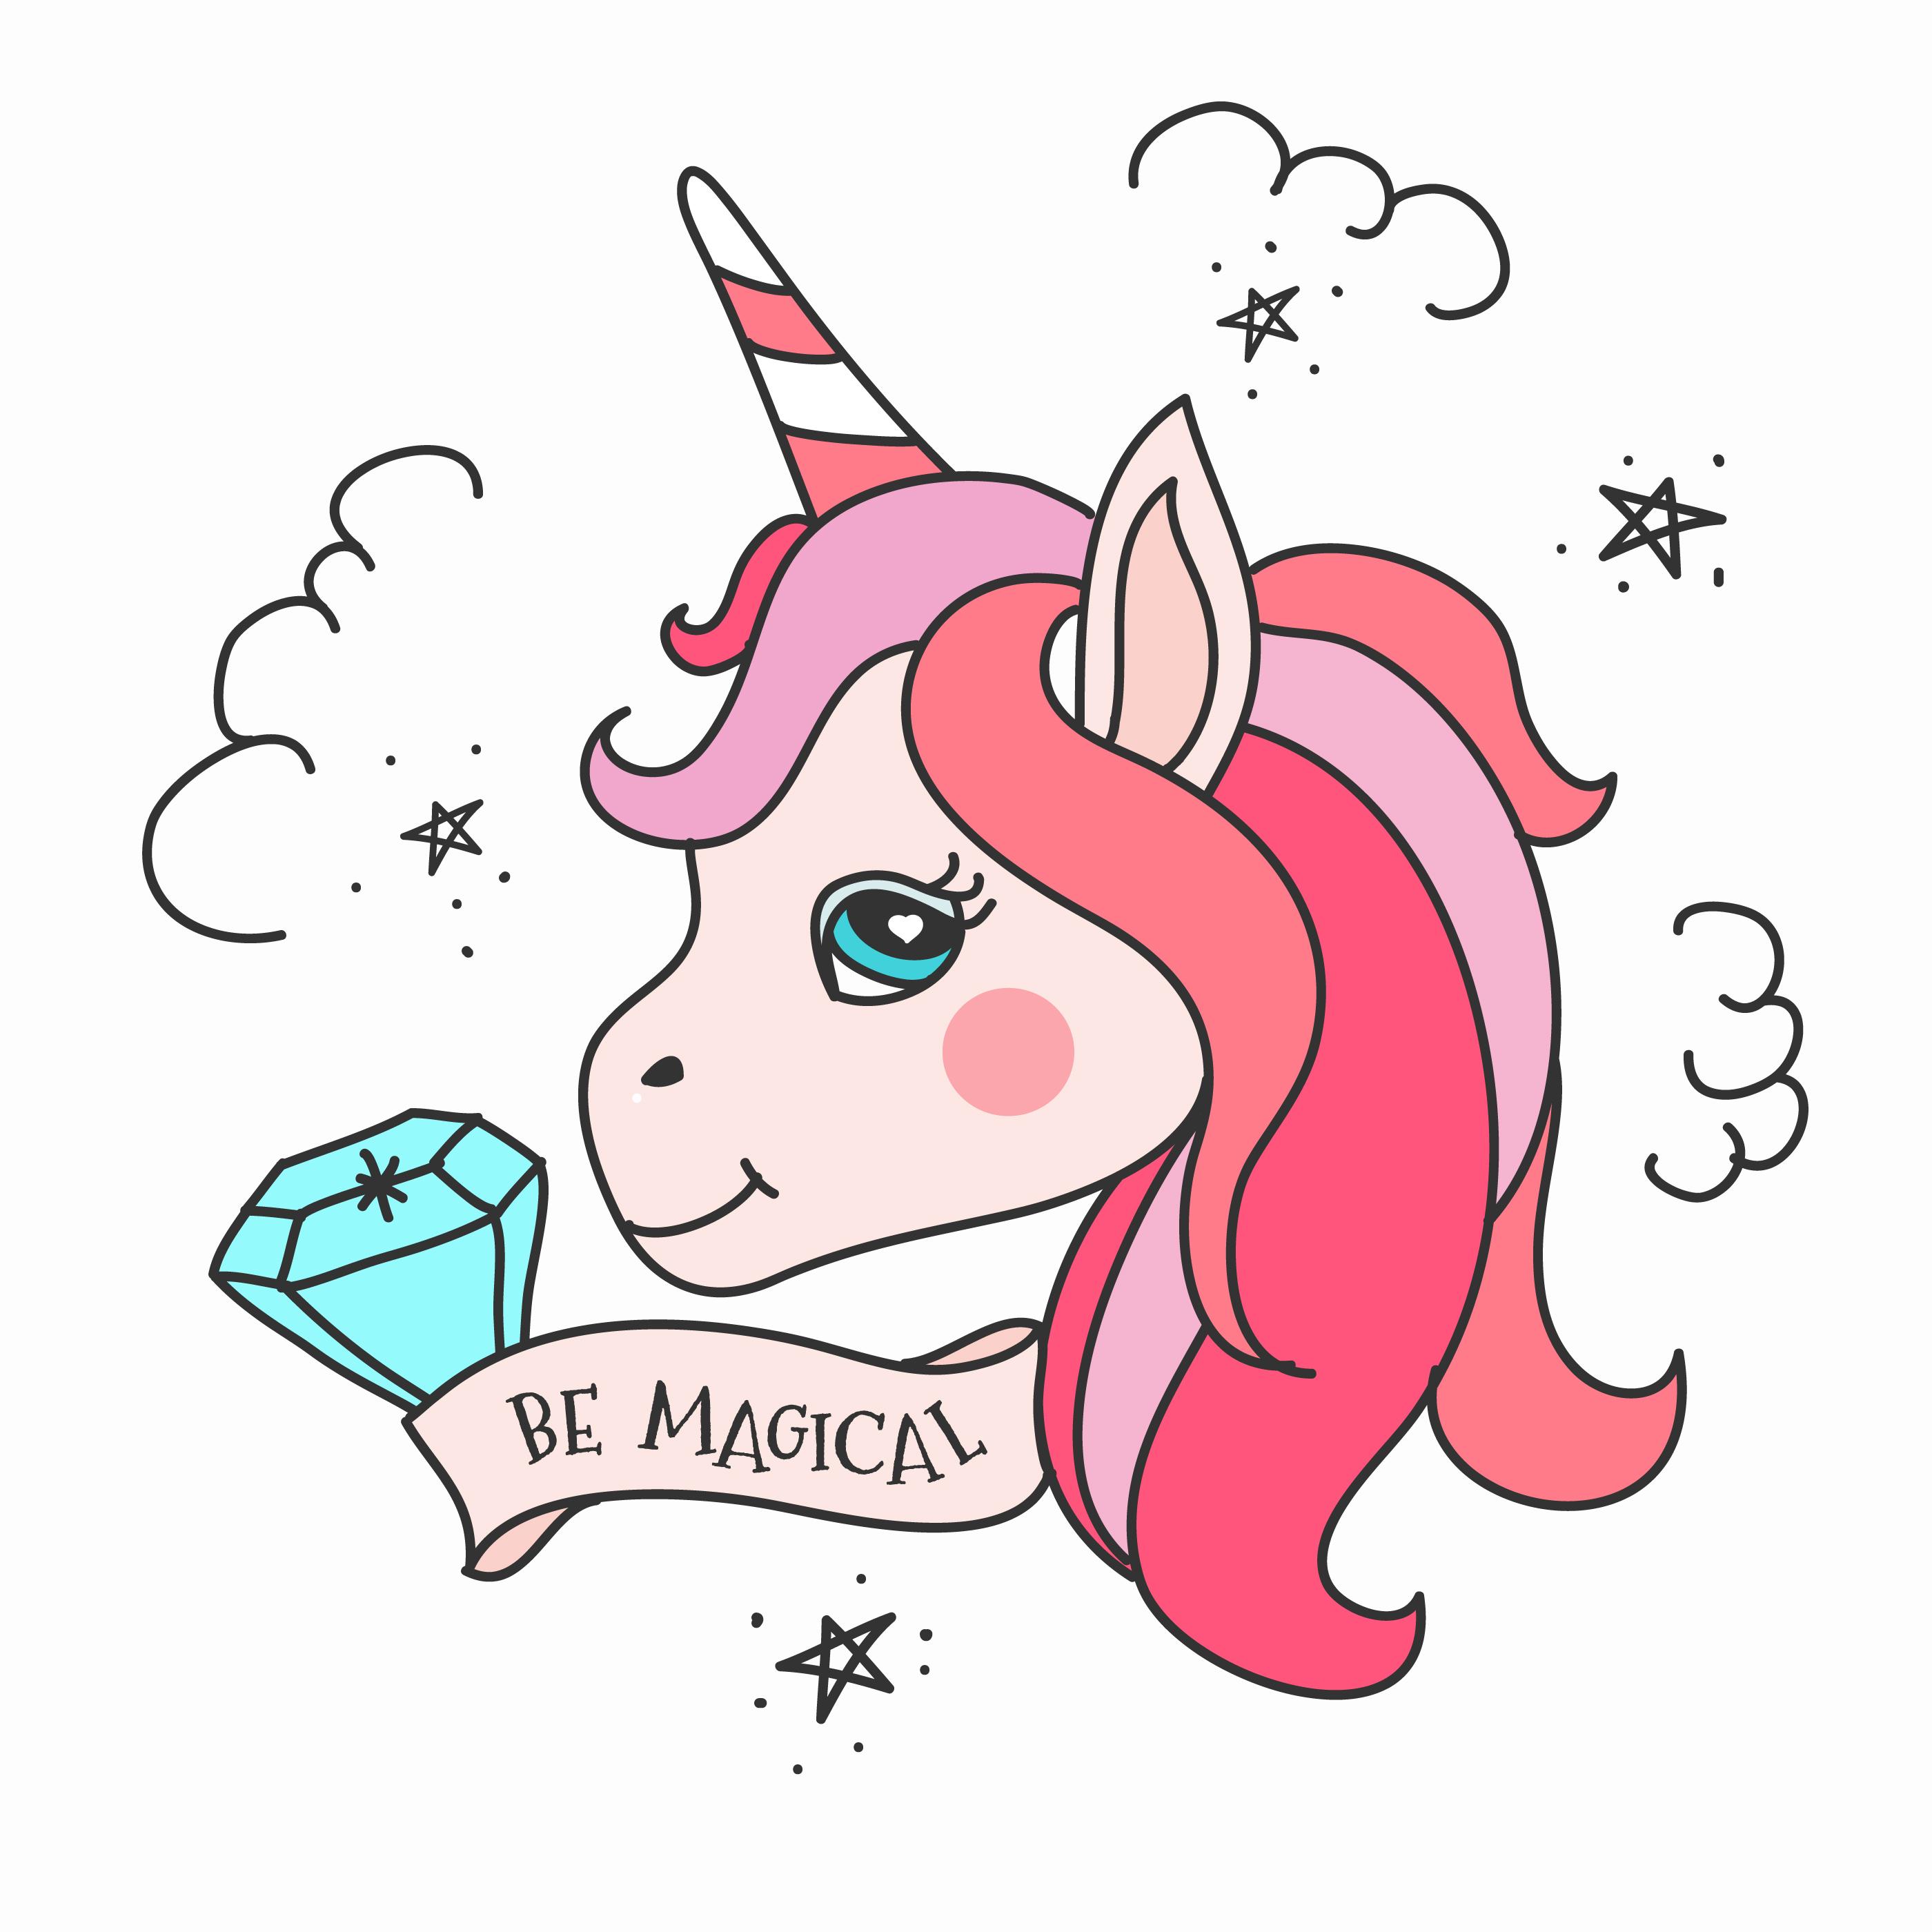 unicorn vektor kostenlos  8688 gratisdownloads